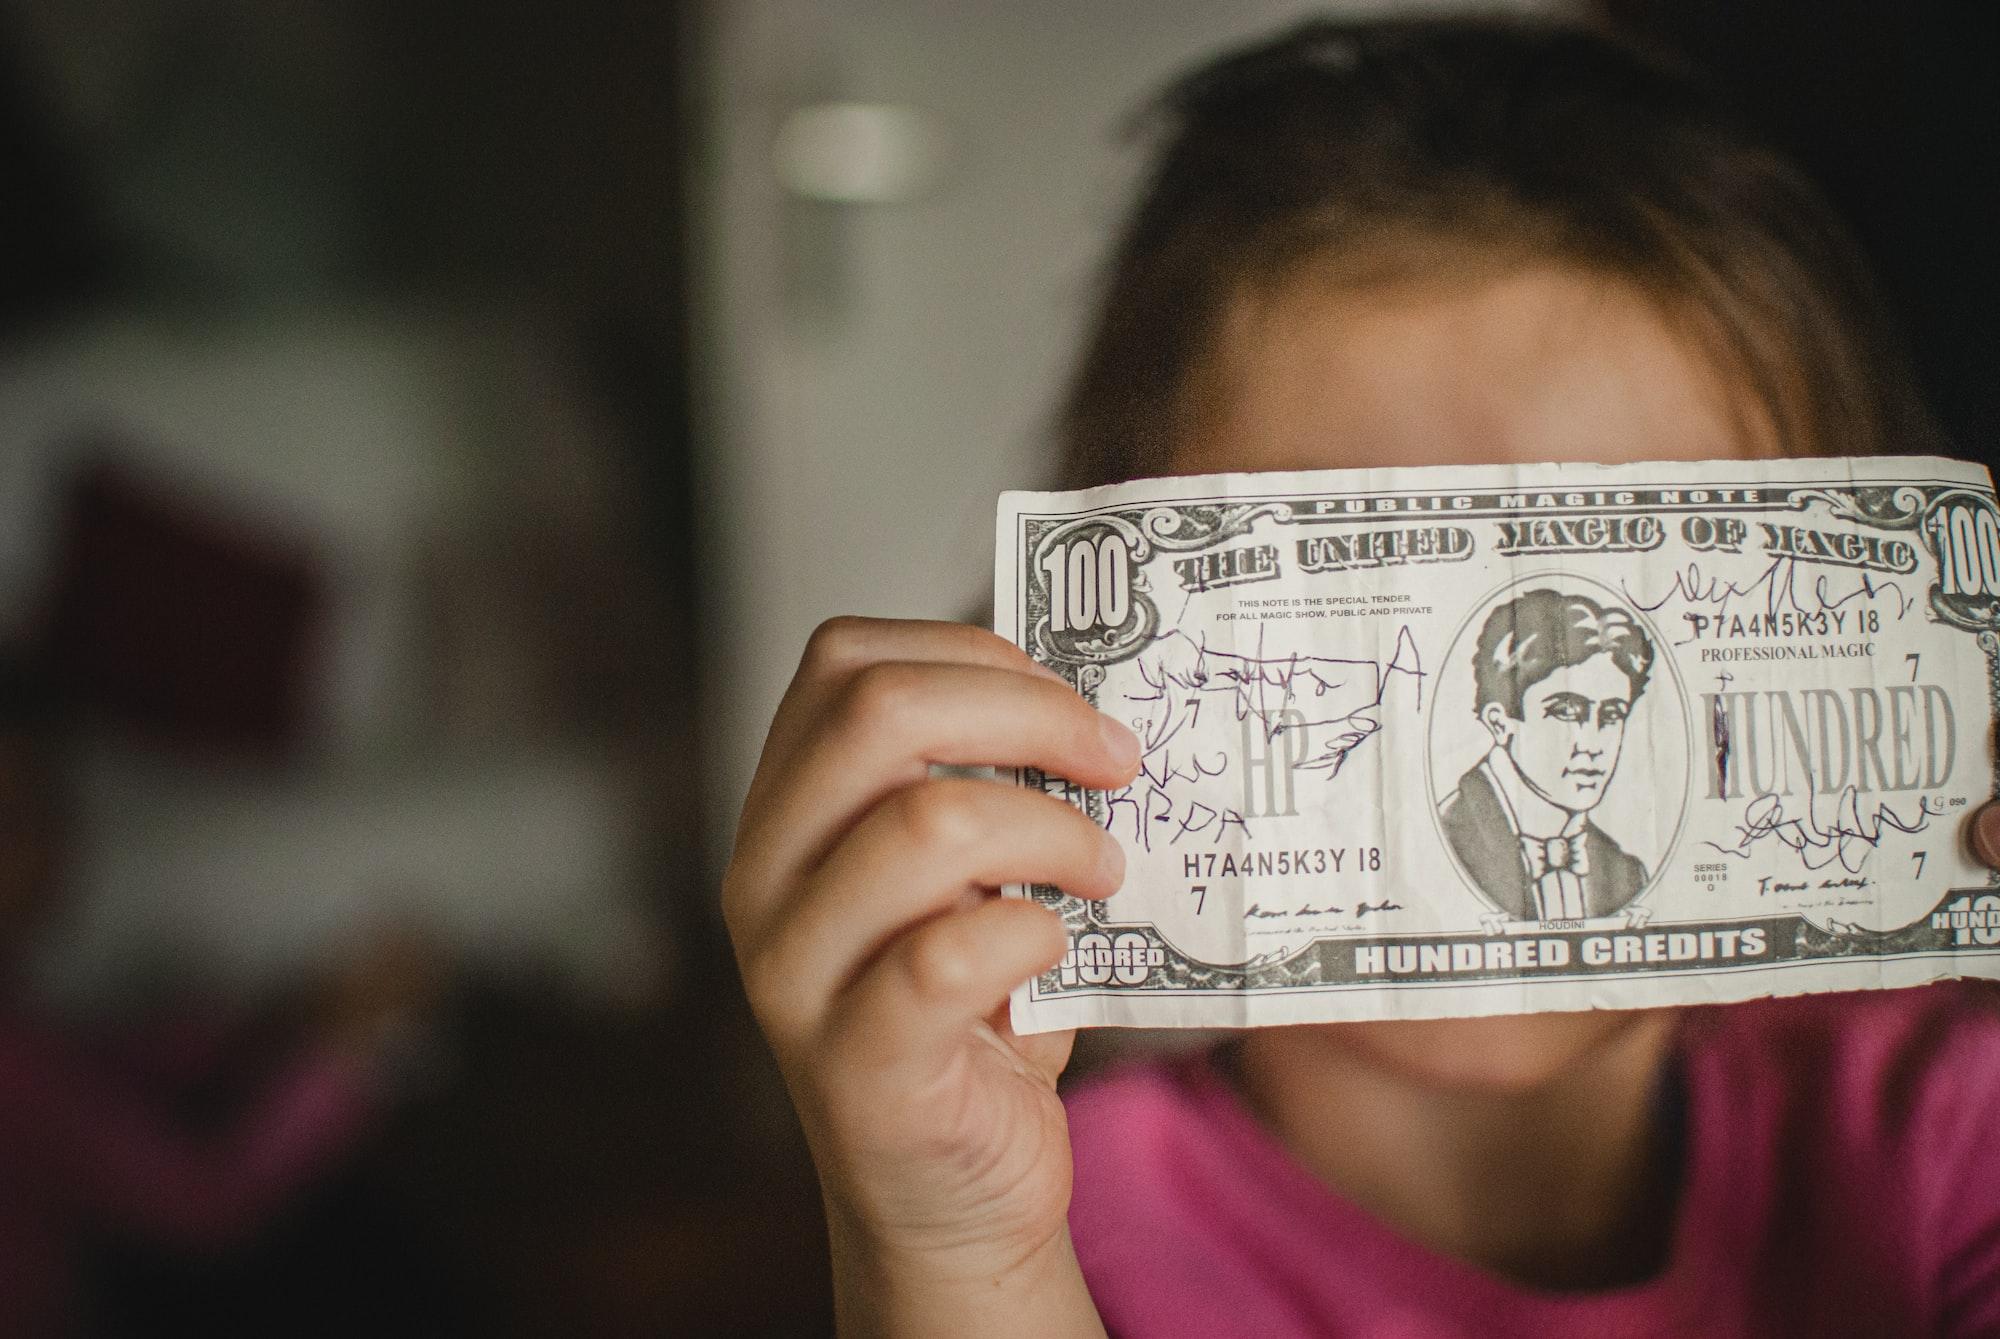 Crianças e finanças: por onde começar? (Podcast)